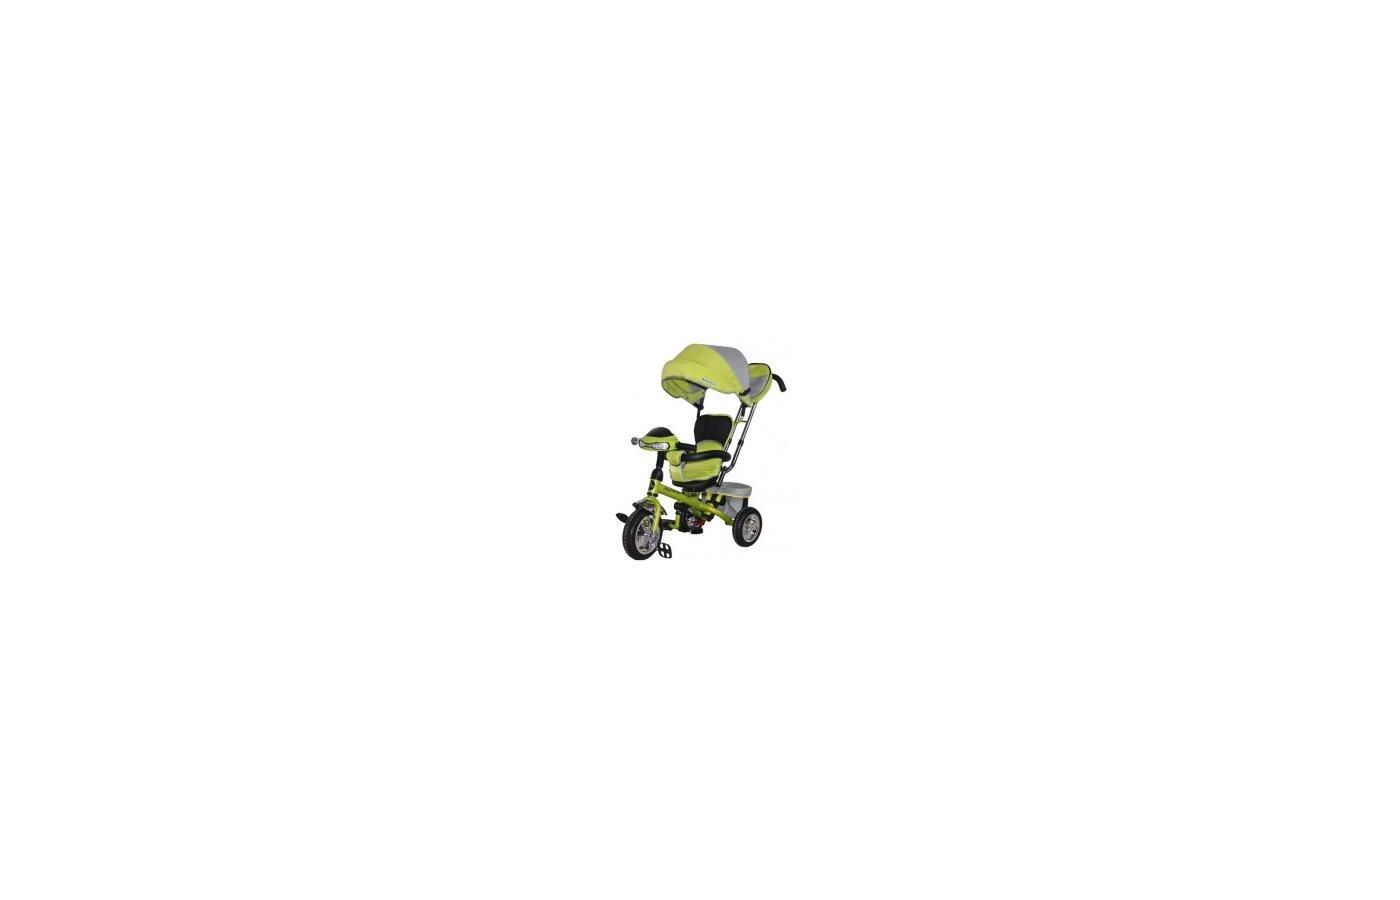 Велосипед Moby Kids 64569 Трайк Комфорт-Ультра зеленый